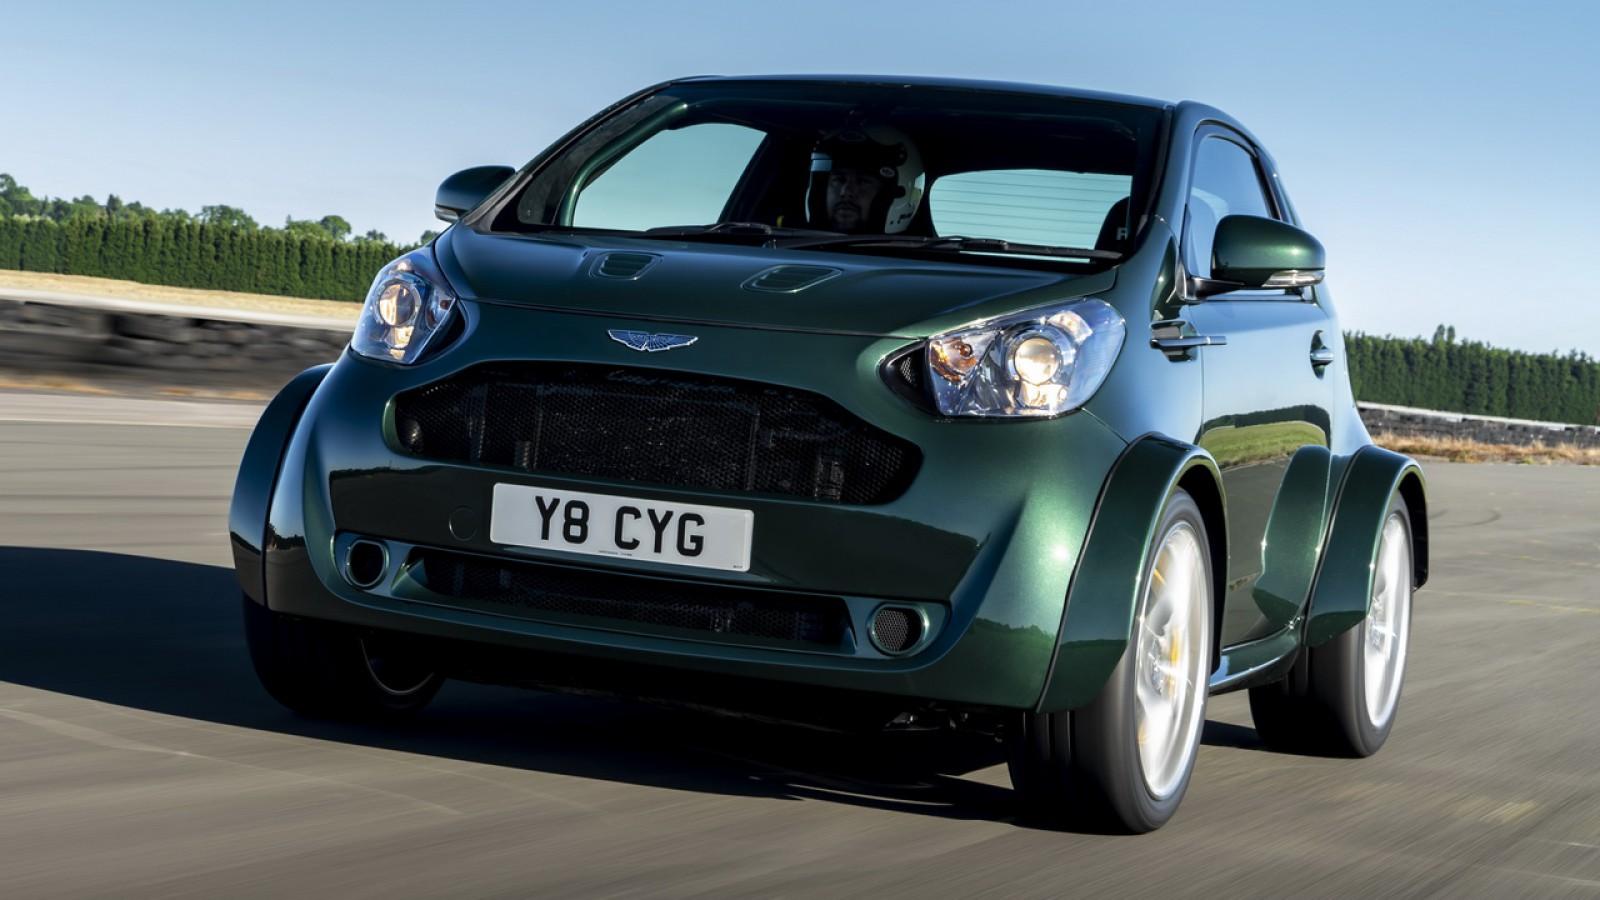 (video) Premieră la Goodwood: Aston Martin V8 Cygnet – city car unic în lume